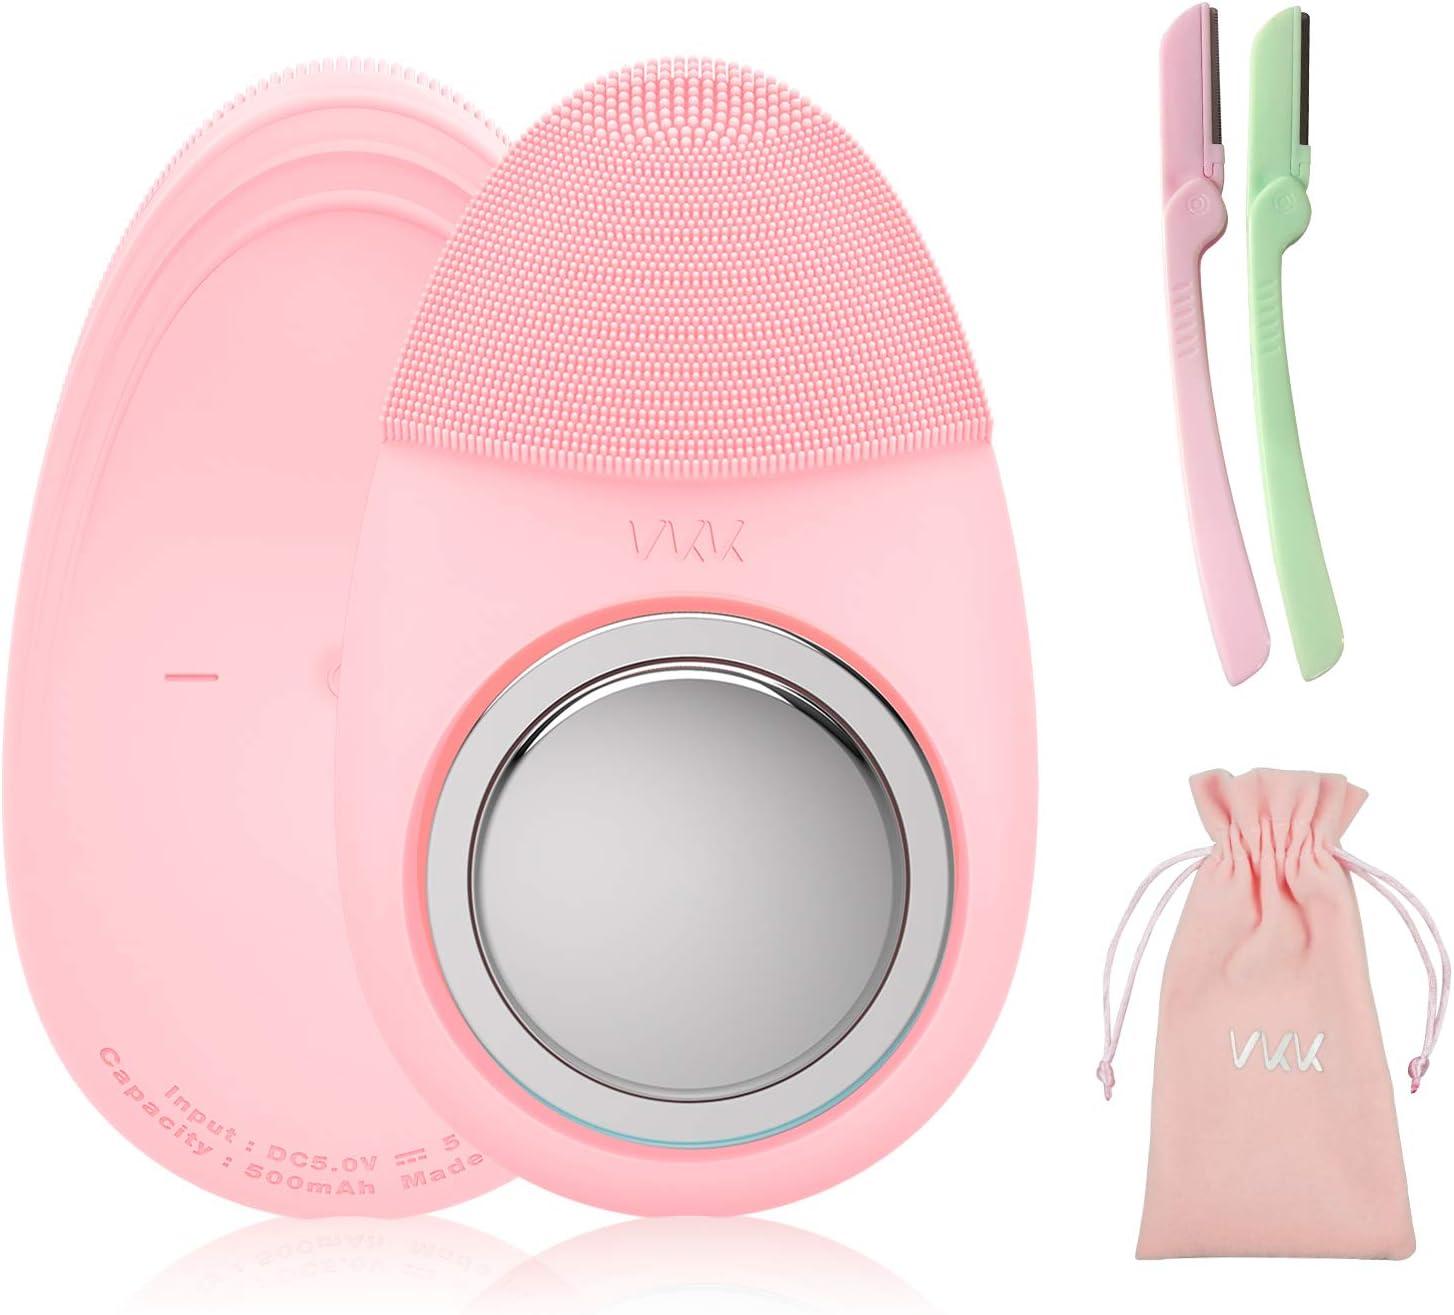 VKK Cepillo Limpiador Facial eléctrico, Cepillo de Silicona para Limpieza Facial y Anillo Magnético para Poner Disco ...